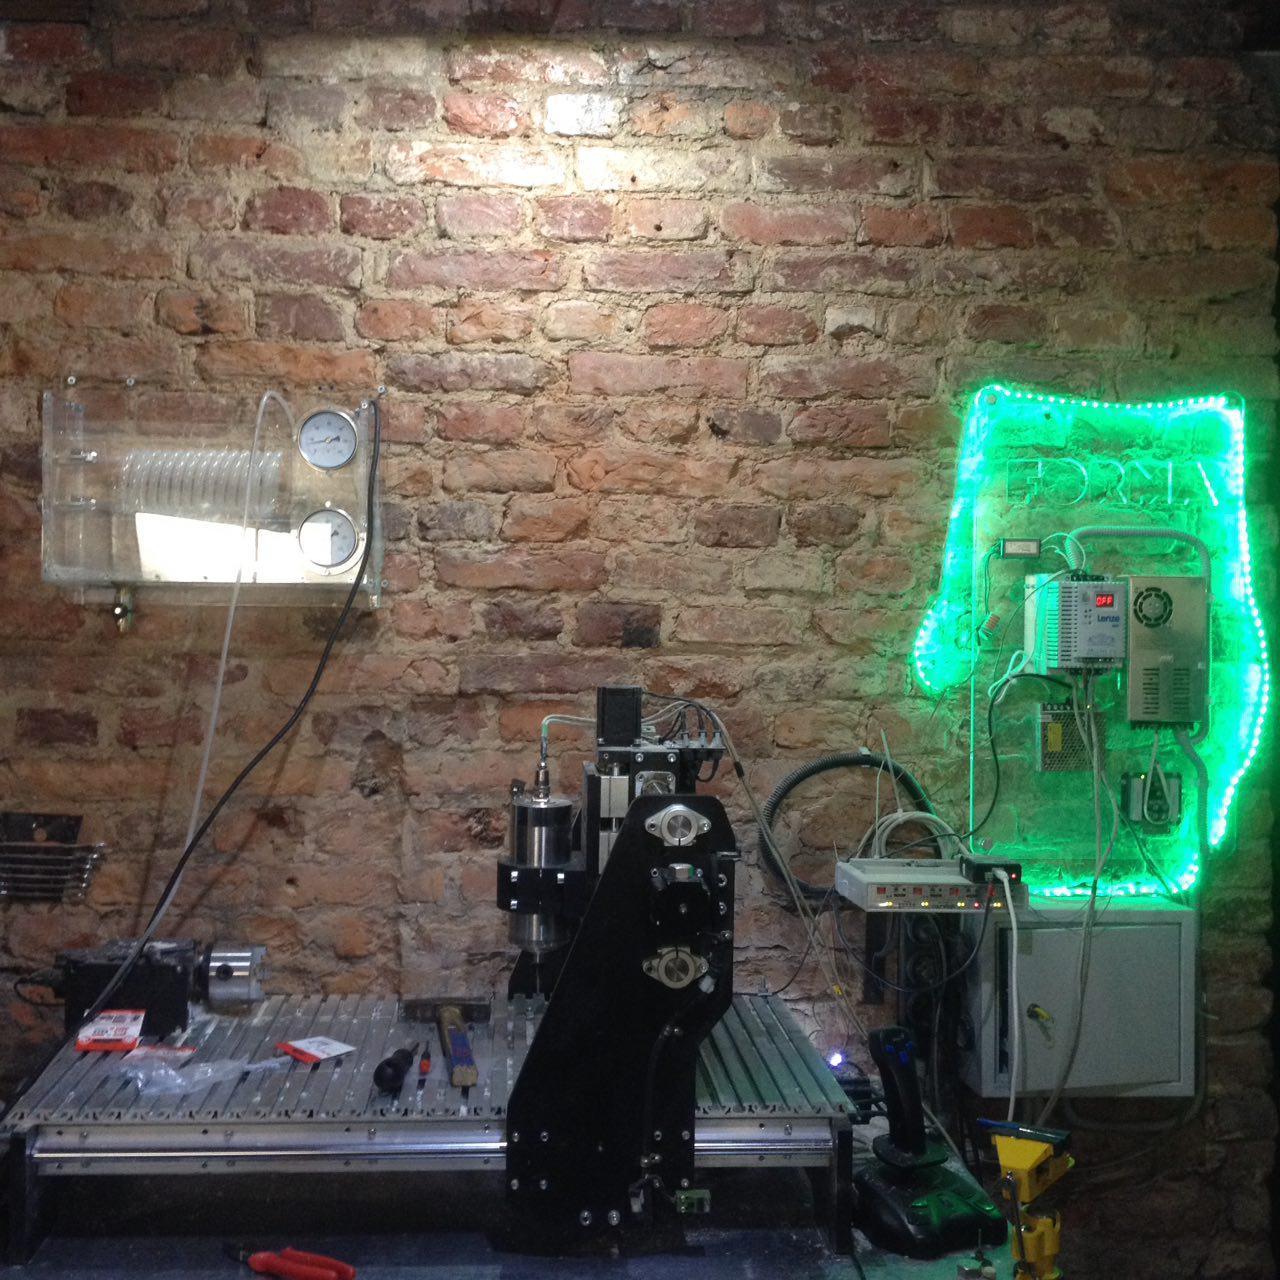 DIY система охлаждения для ЧПУ фрезера - 6